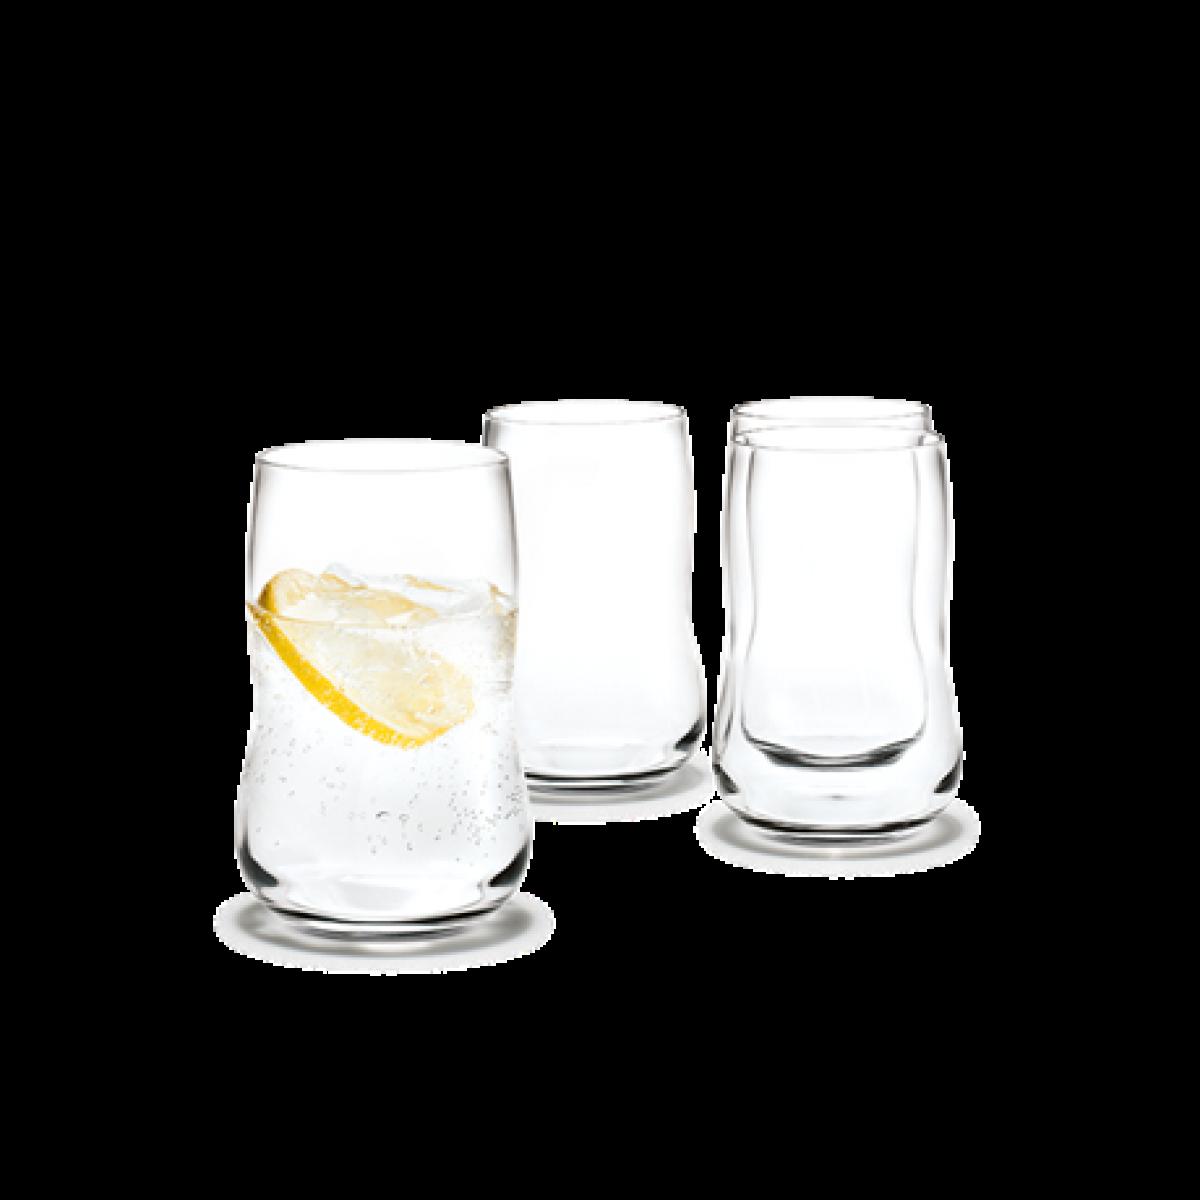 HOLMEGAARD glas klar 4 stk. 37 cl.